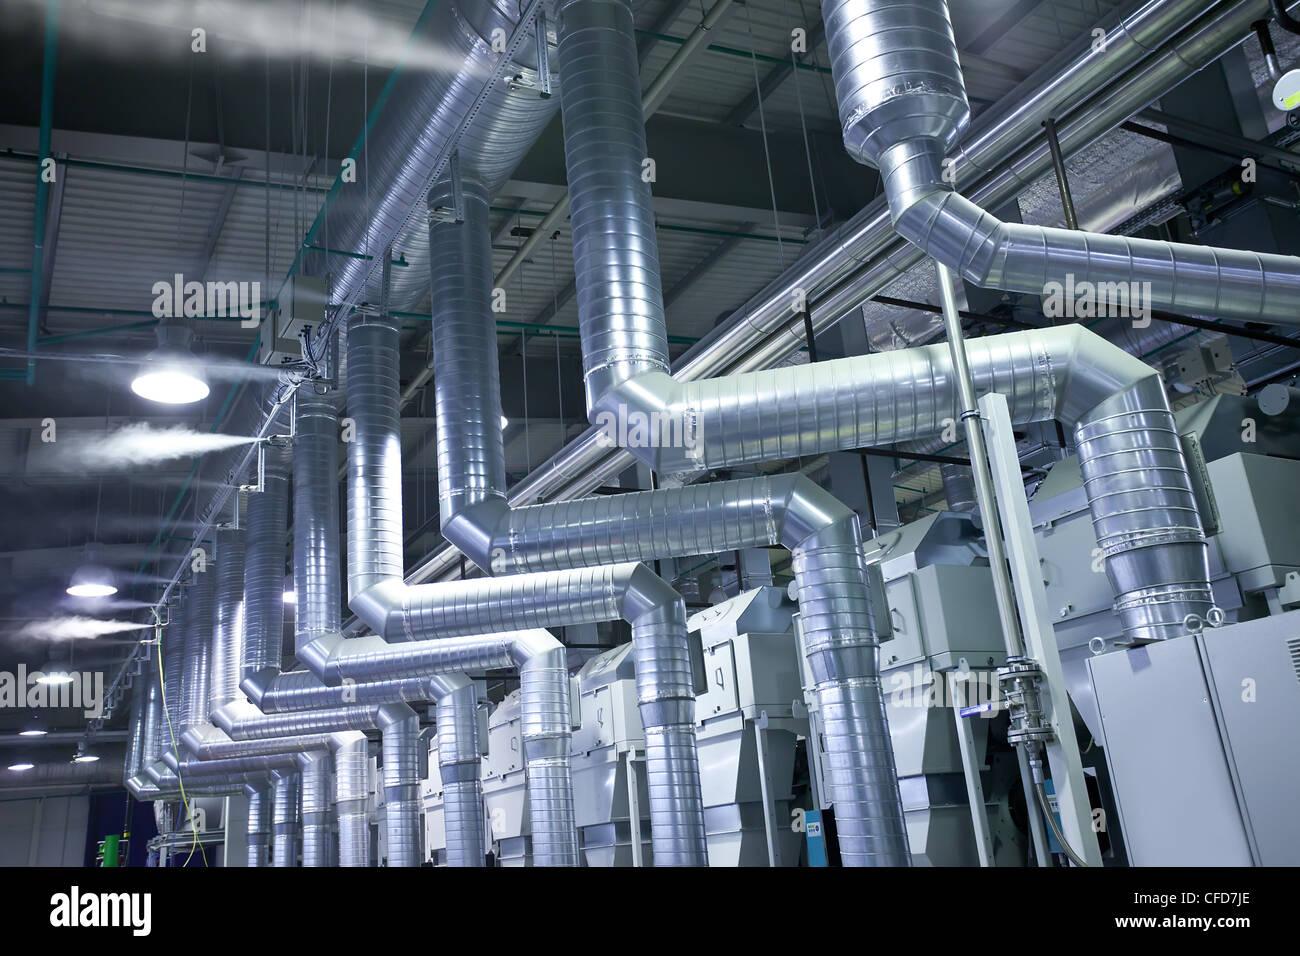 Usine Air Liquide Photo Stock